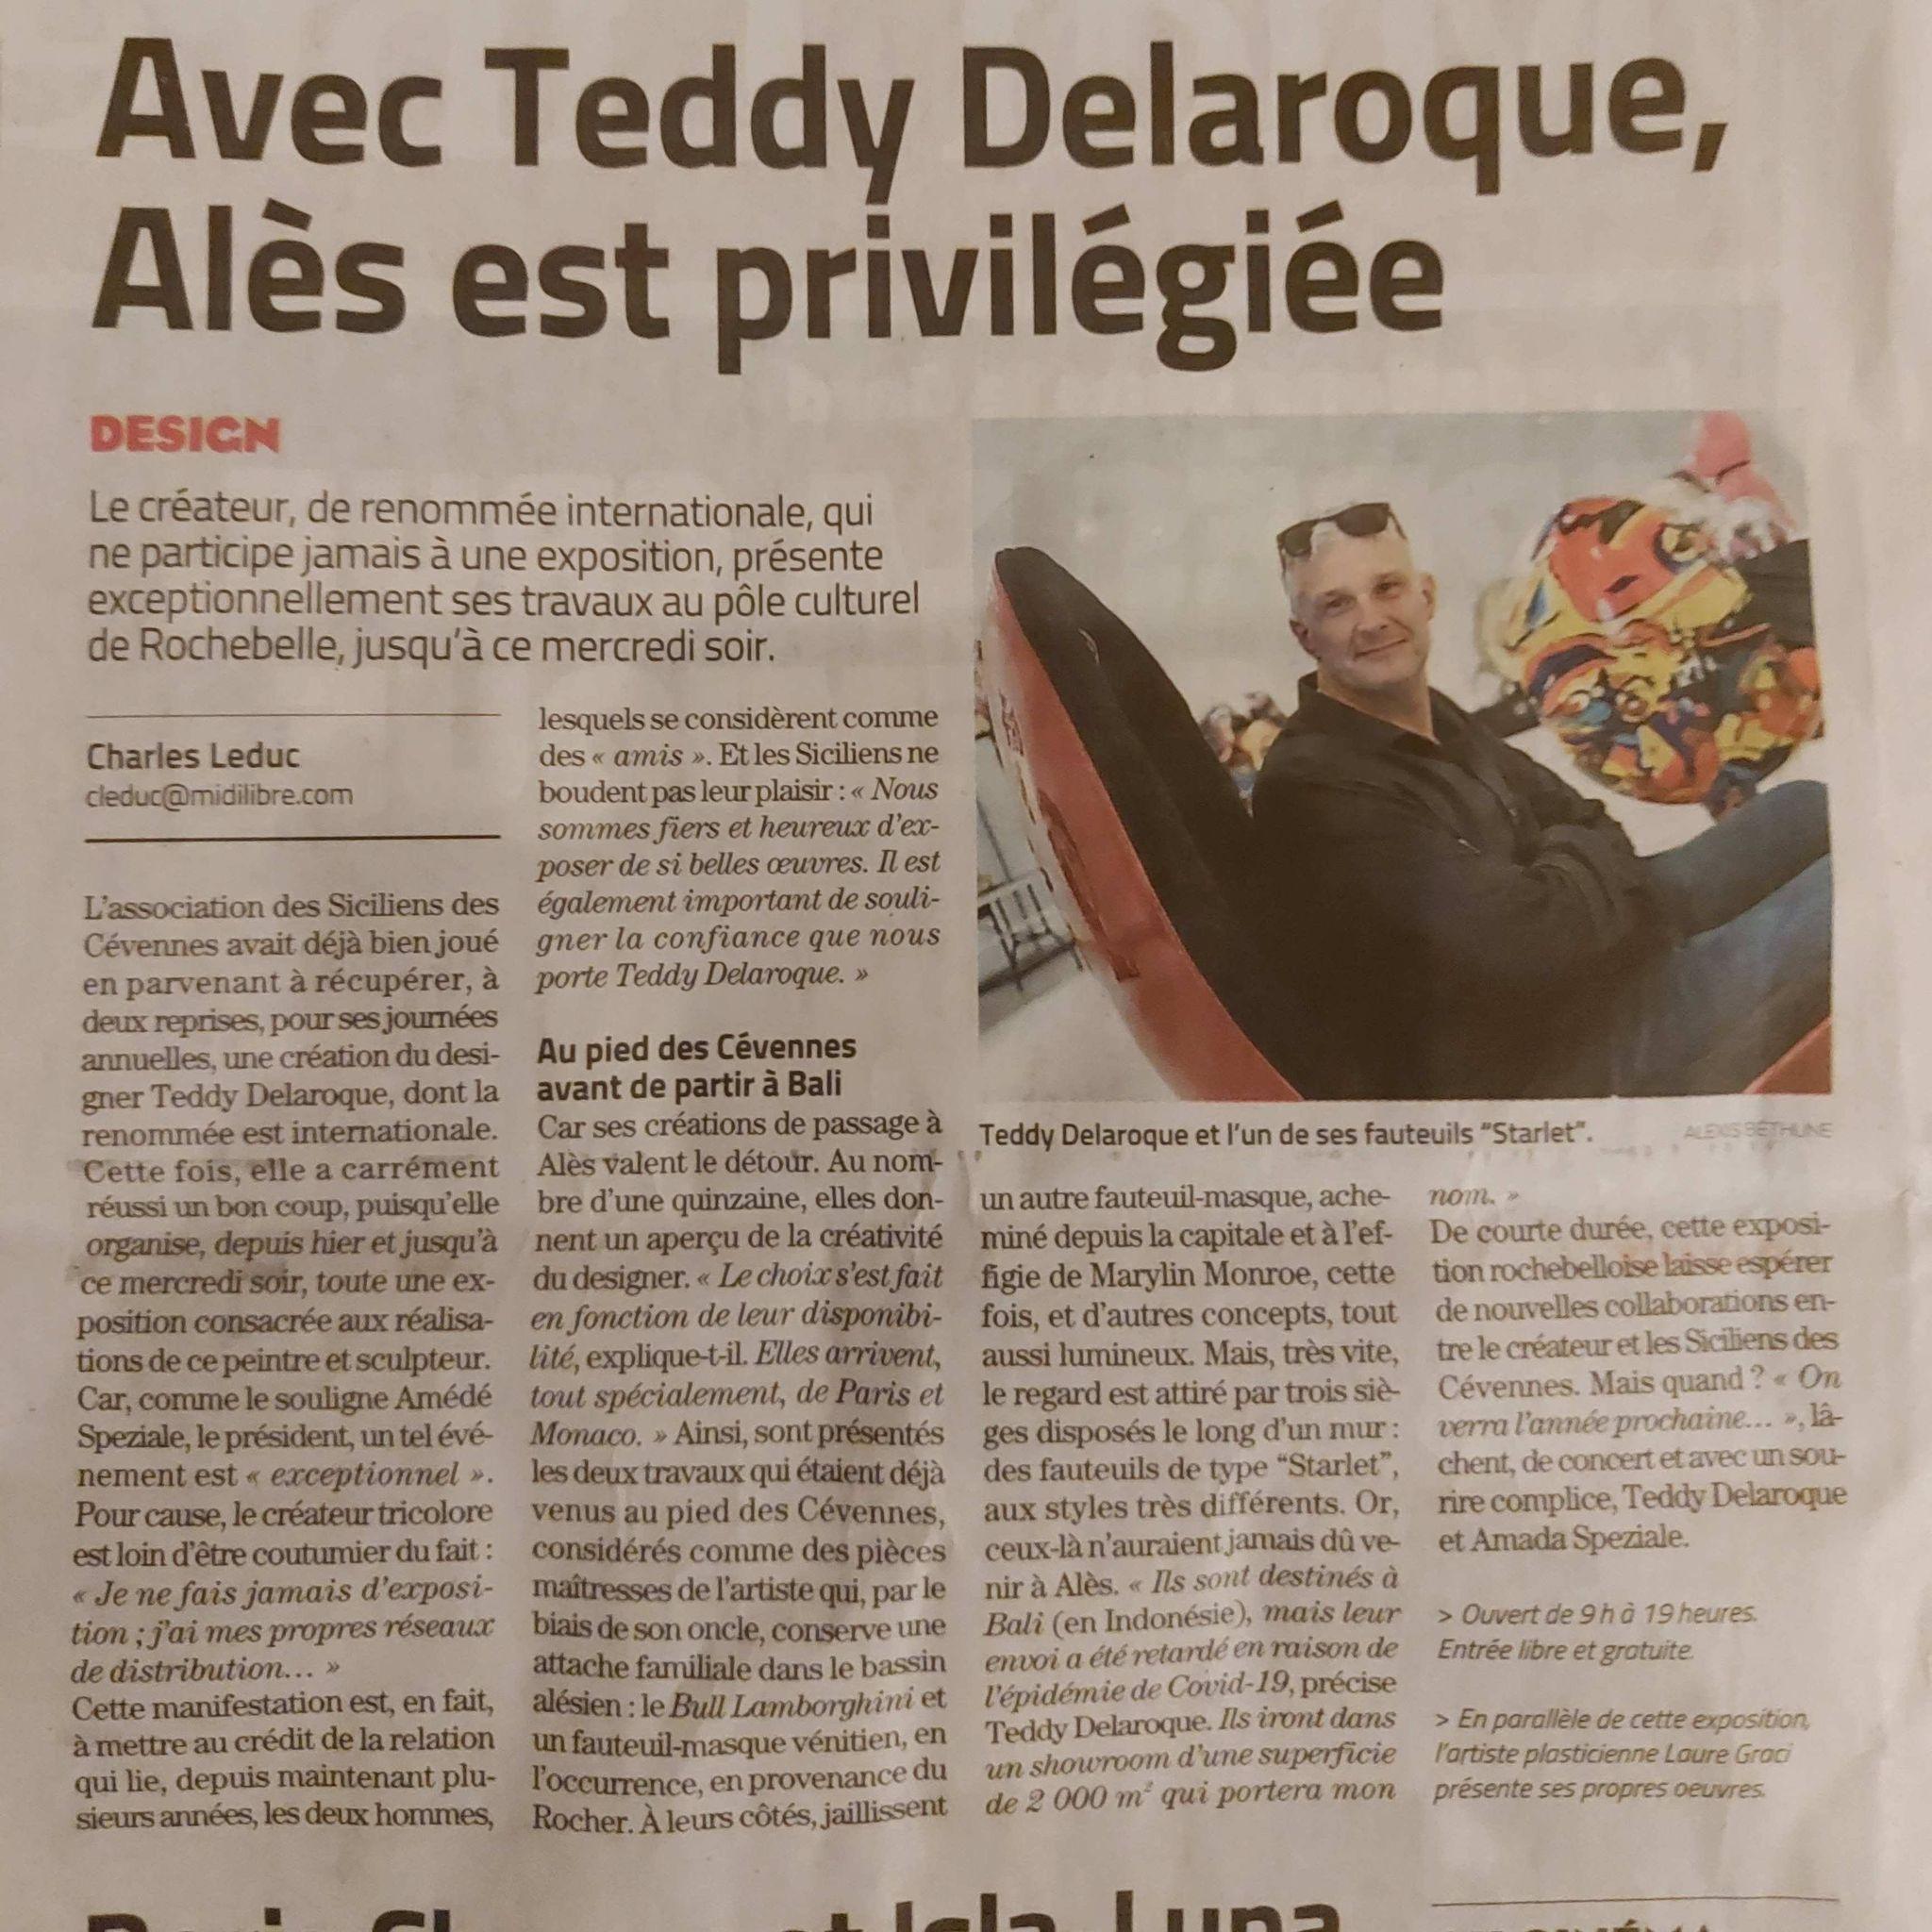 Teddy Delaroque Midi Libre